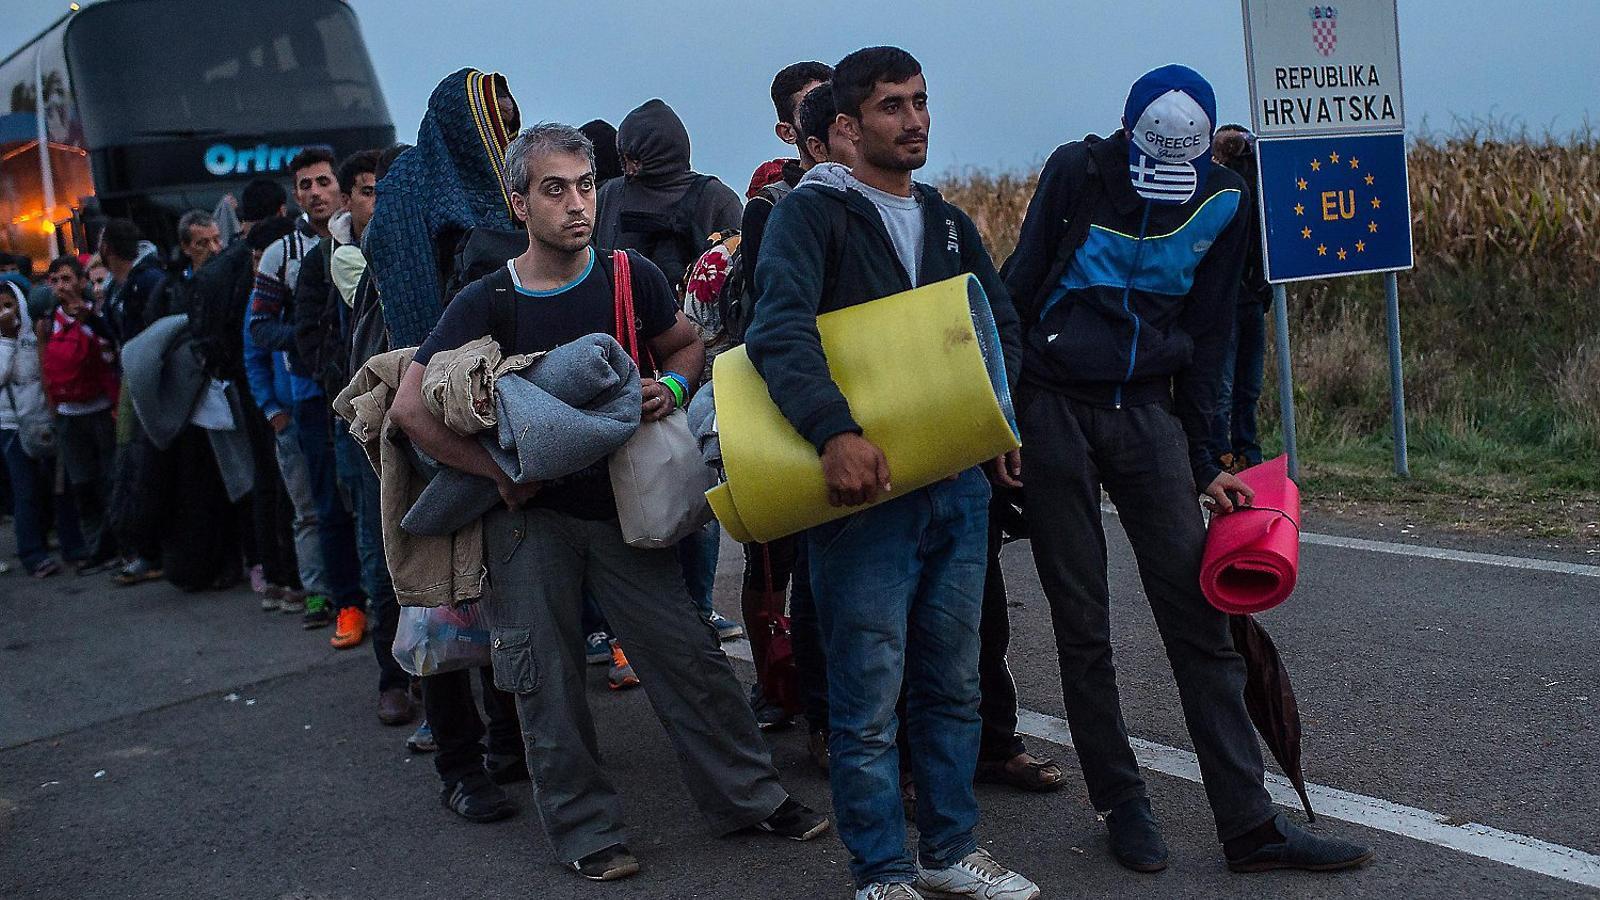 Un grup de refugiats sirians arribant a la frontera entre Croàcia i Hongria, ahir.